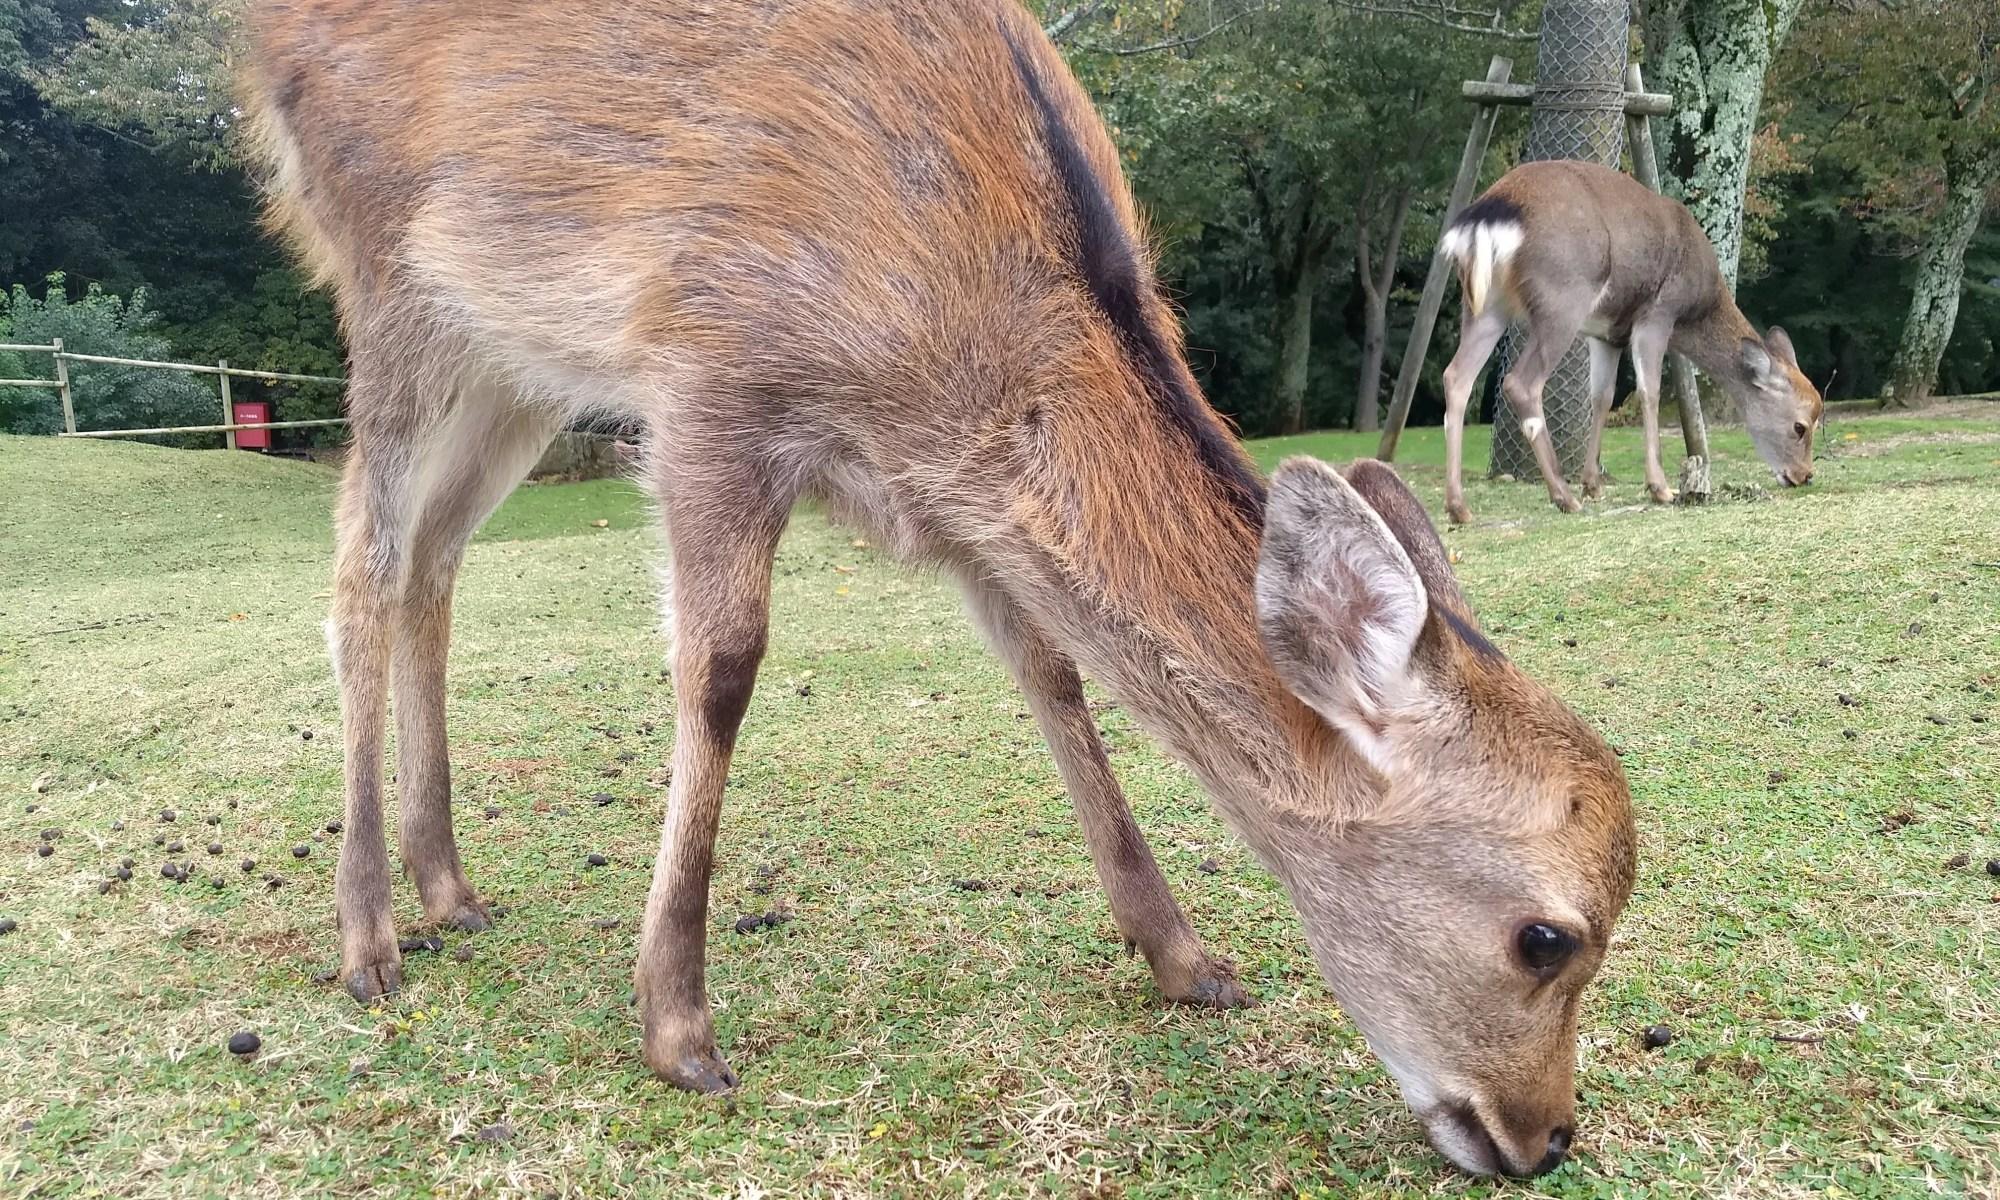 Nara little deer - 10-26-2019